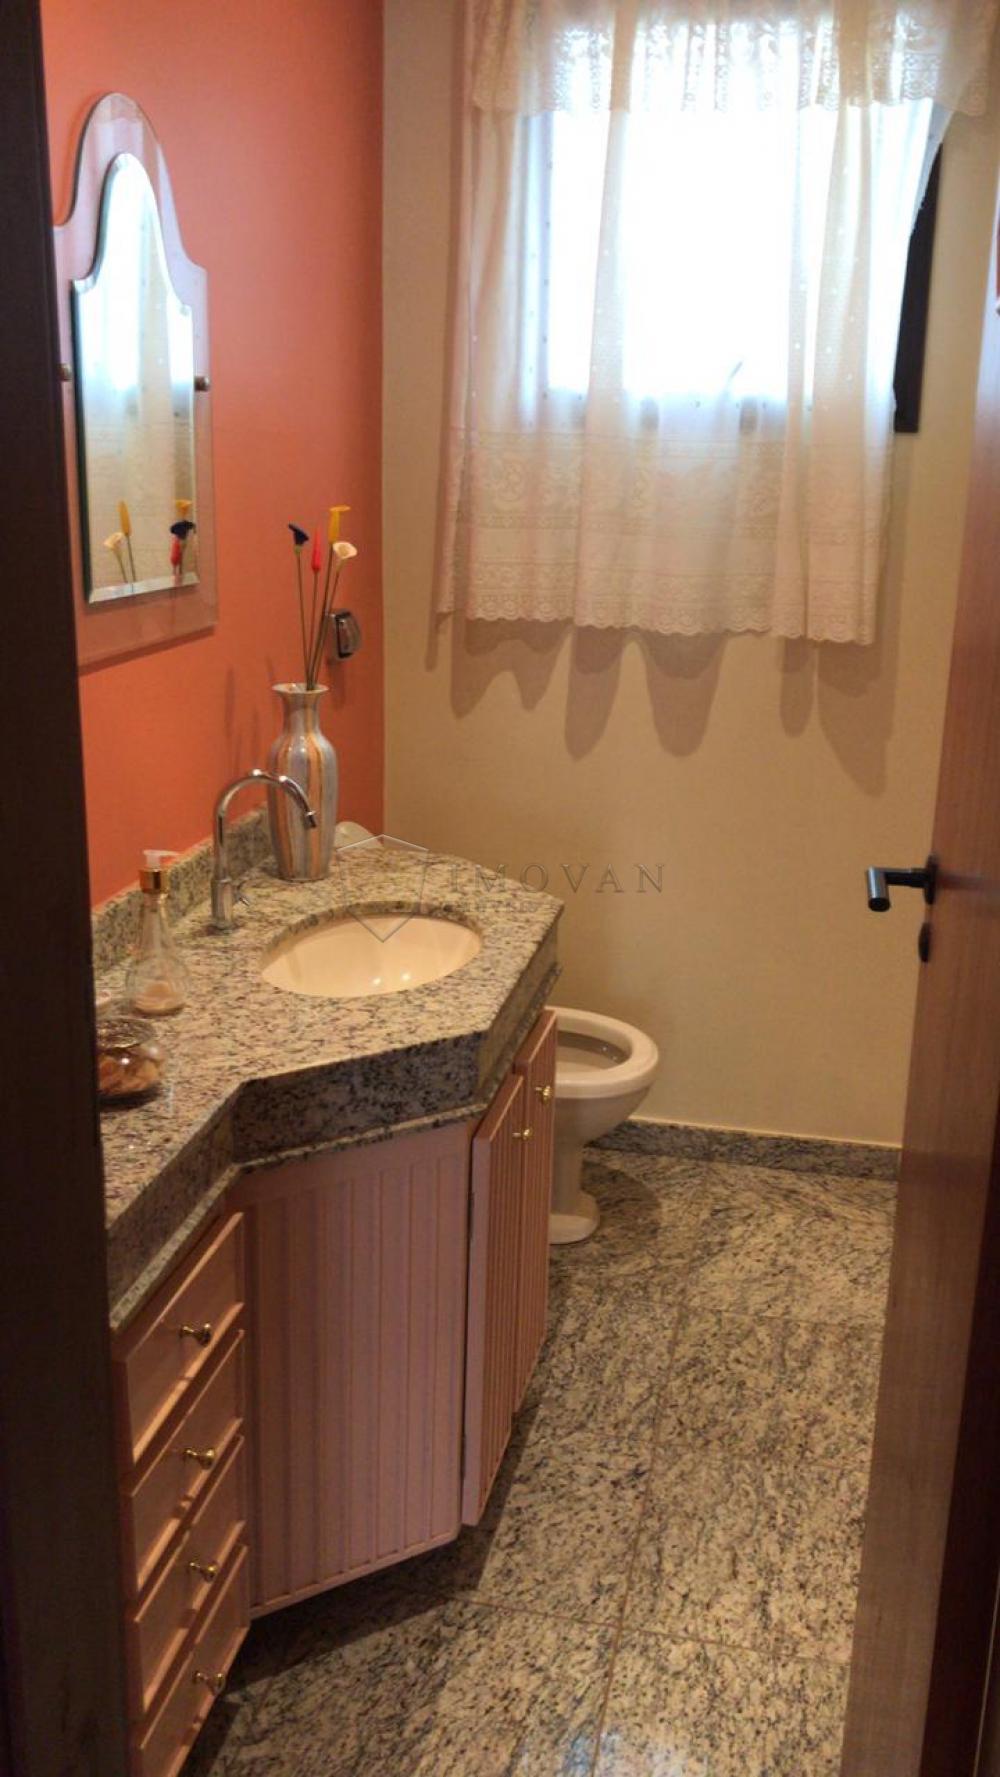 Comprar Apartamento / Padrão em Ribeirão Preto R$ 550.000,00 - Foto 10